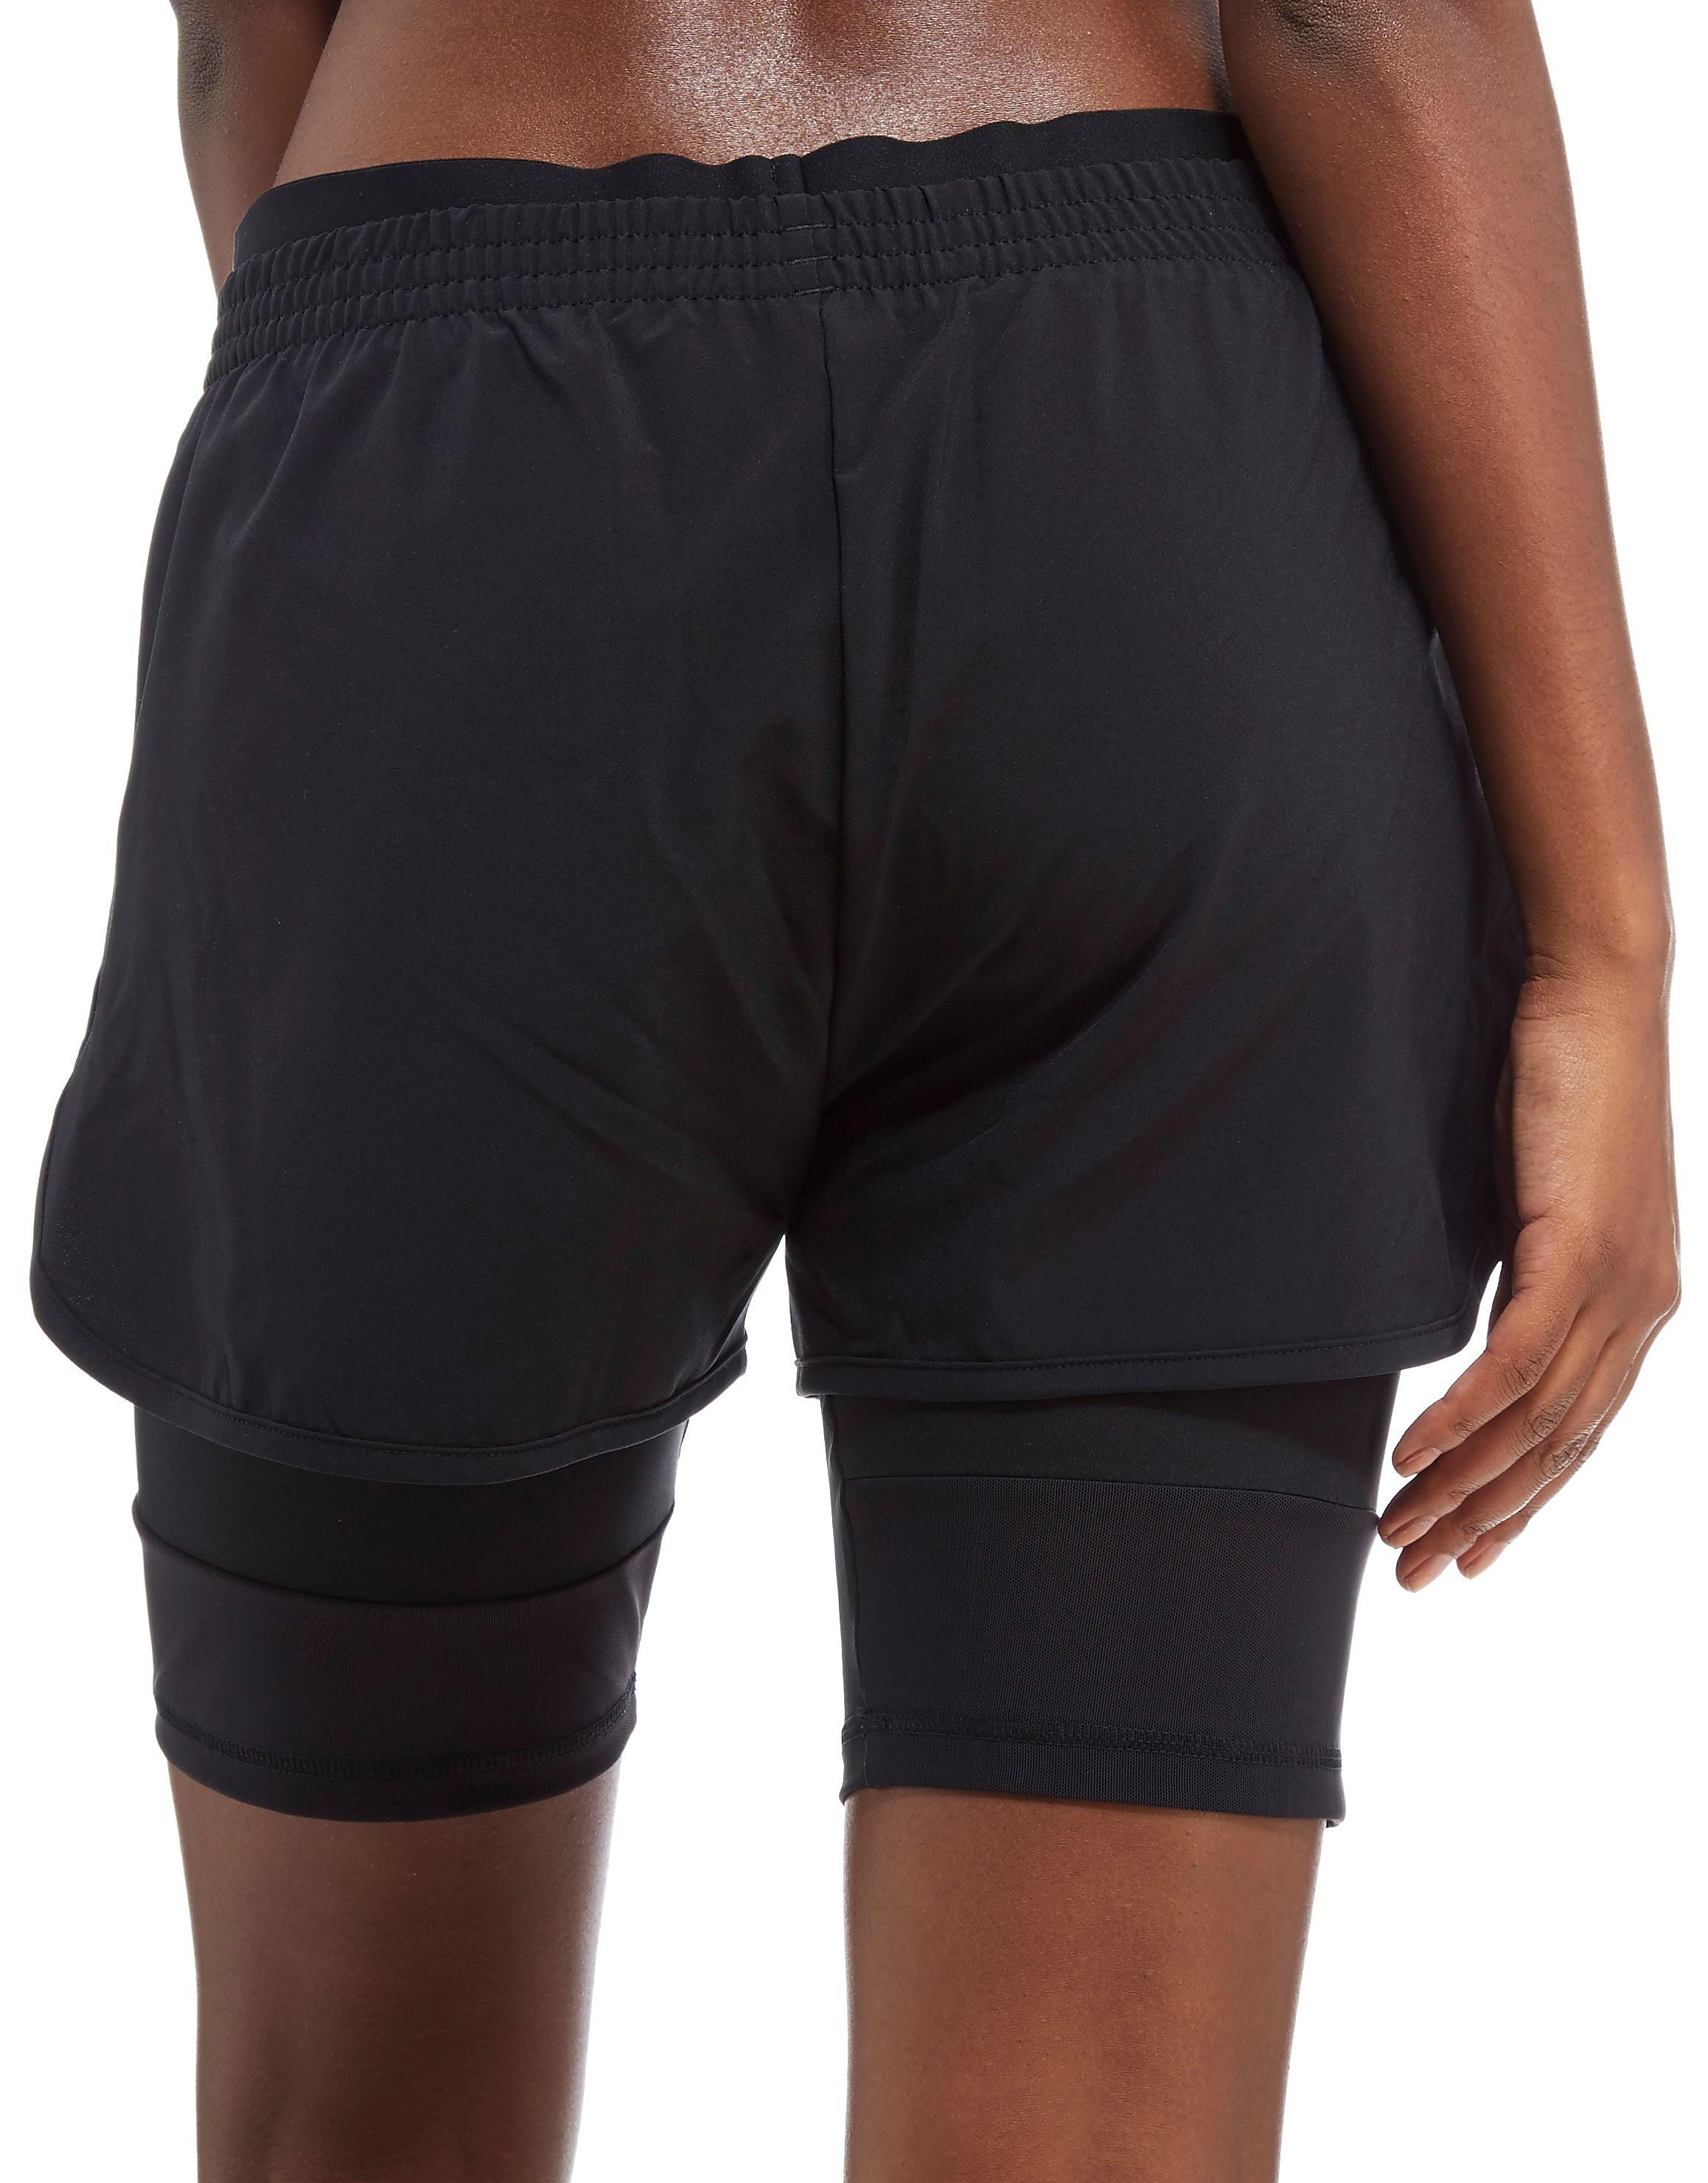 adidas 2-in-1 Long Shorts